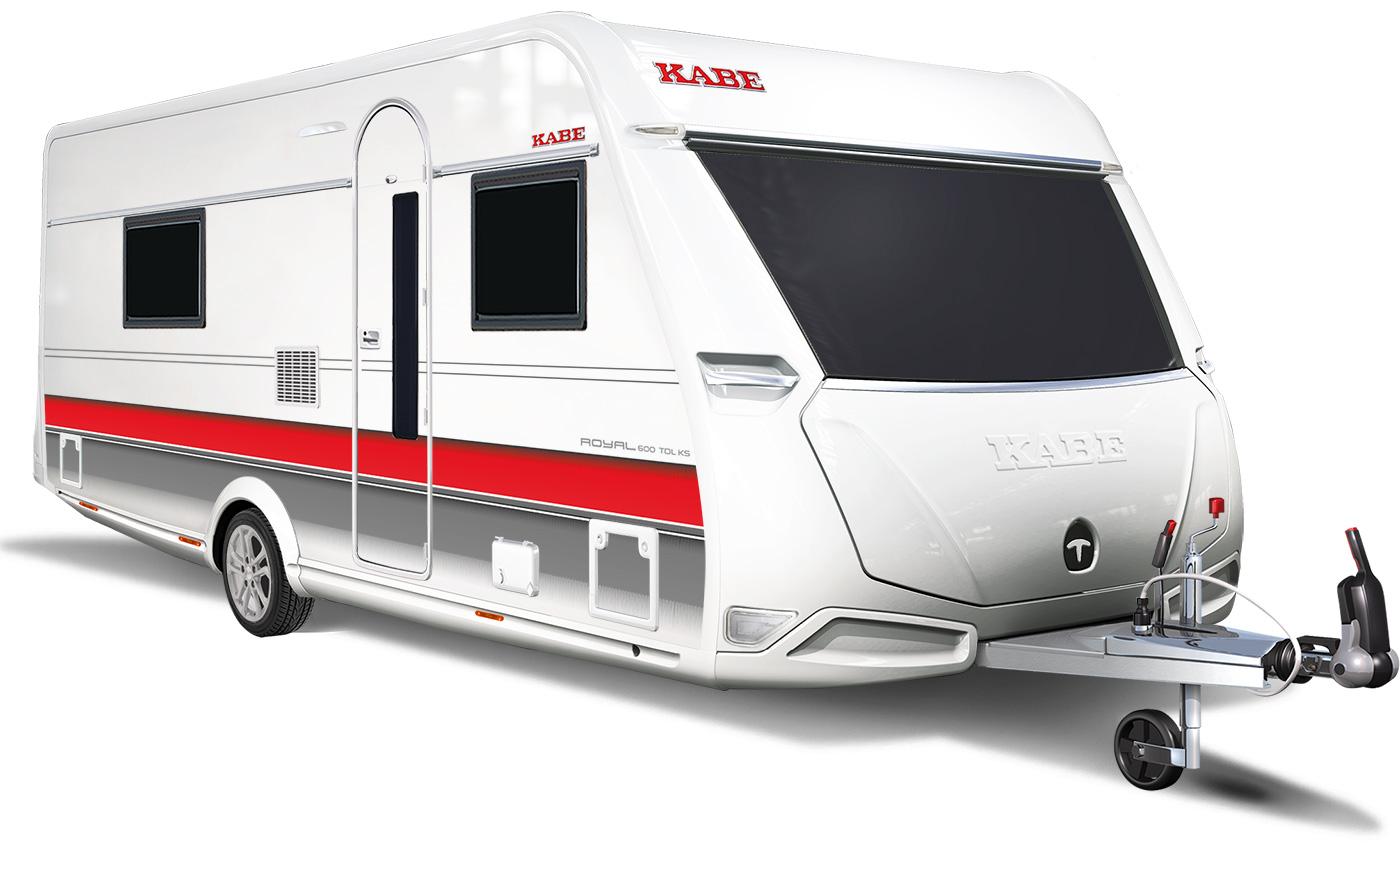 Kabe - Royal 600 TDL